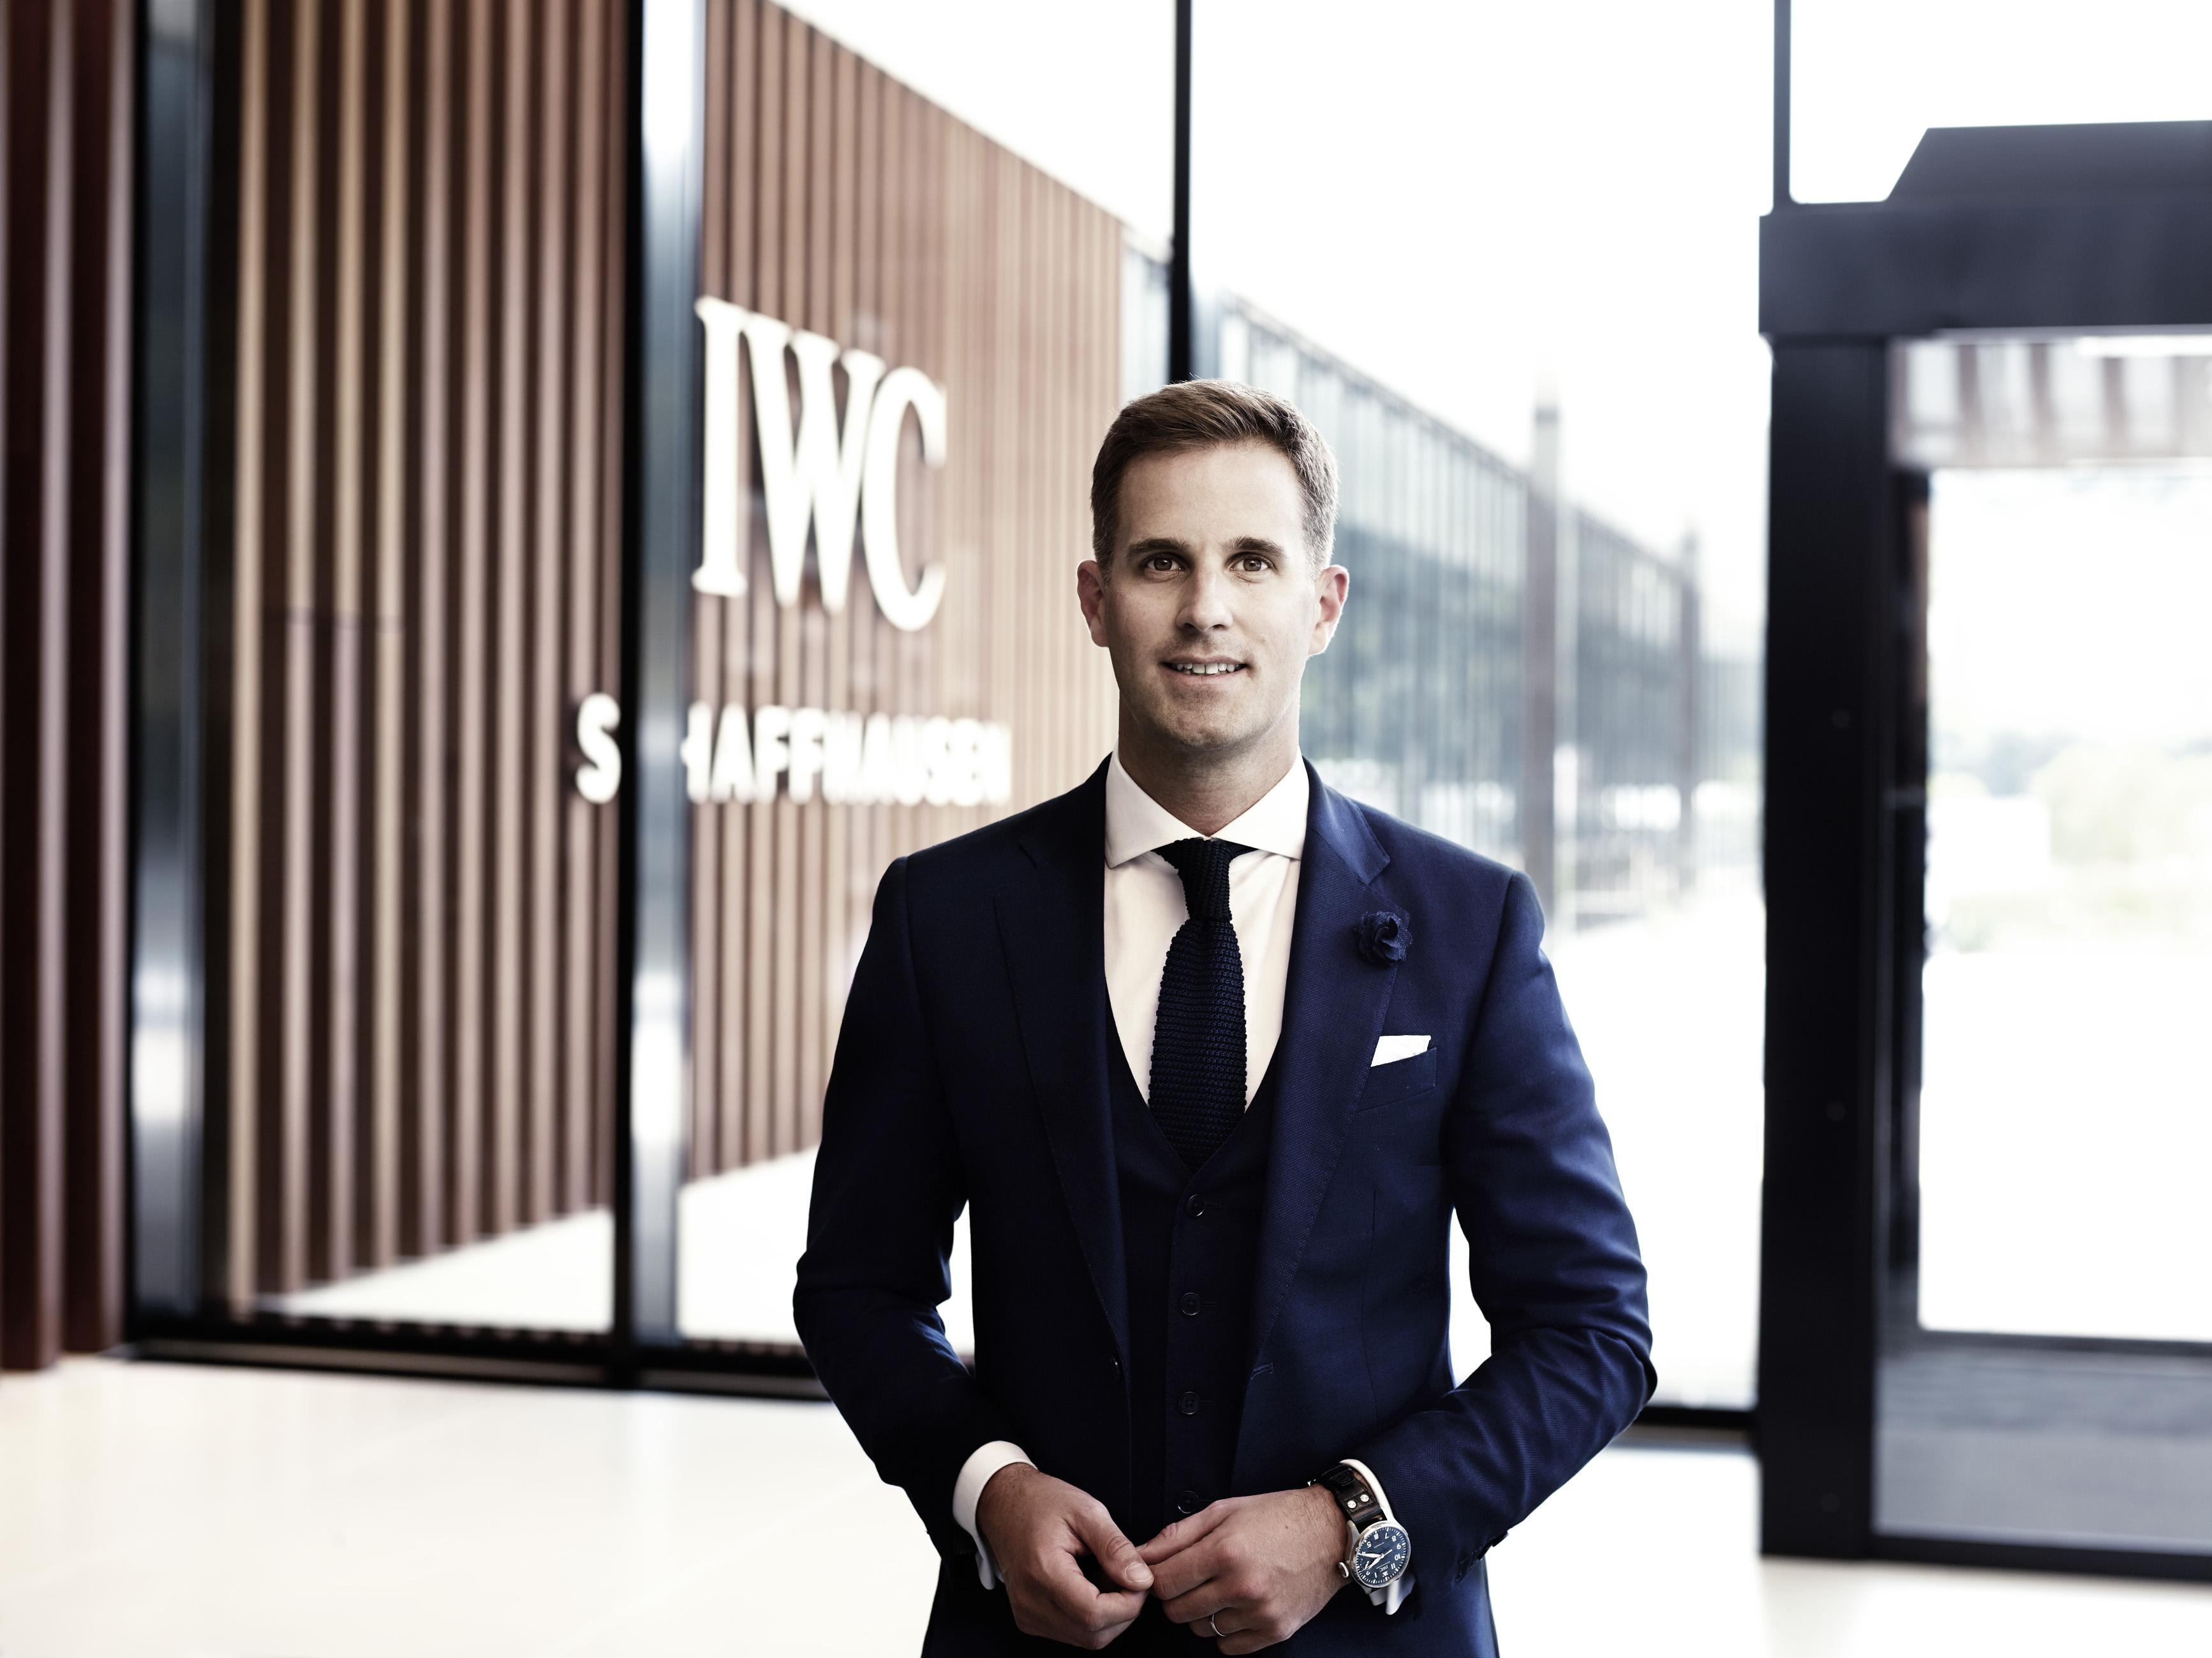 IW CEO Christoph Grainger-Herr